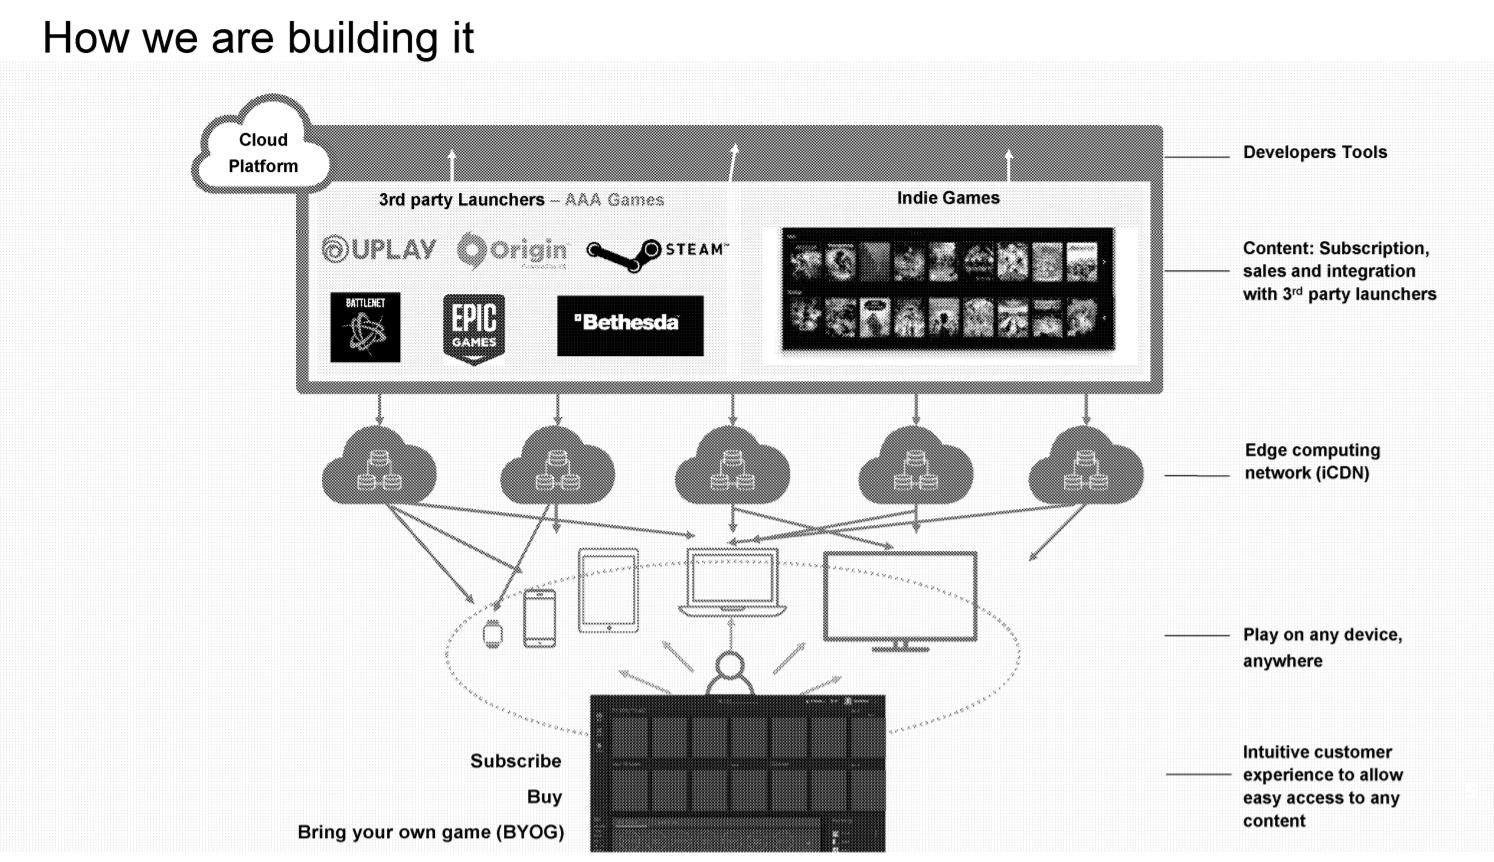 沃尔玛废弃云游戏项目曝光 已可用XB手柄在手机上游玩